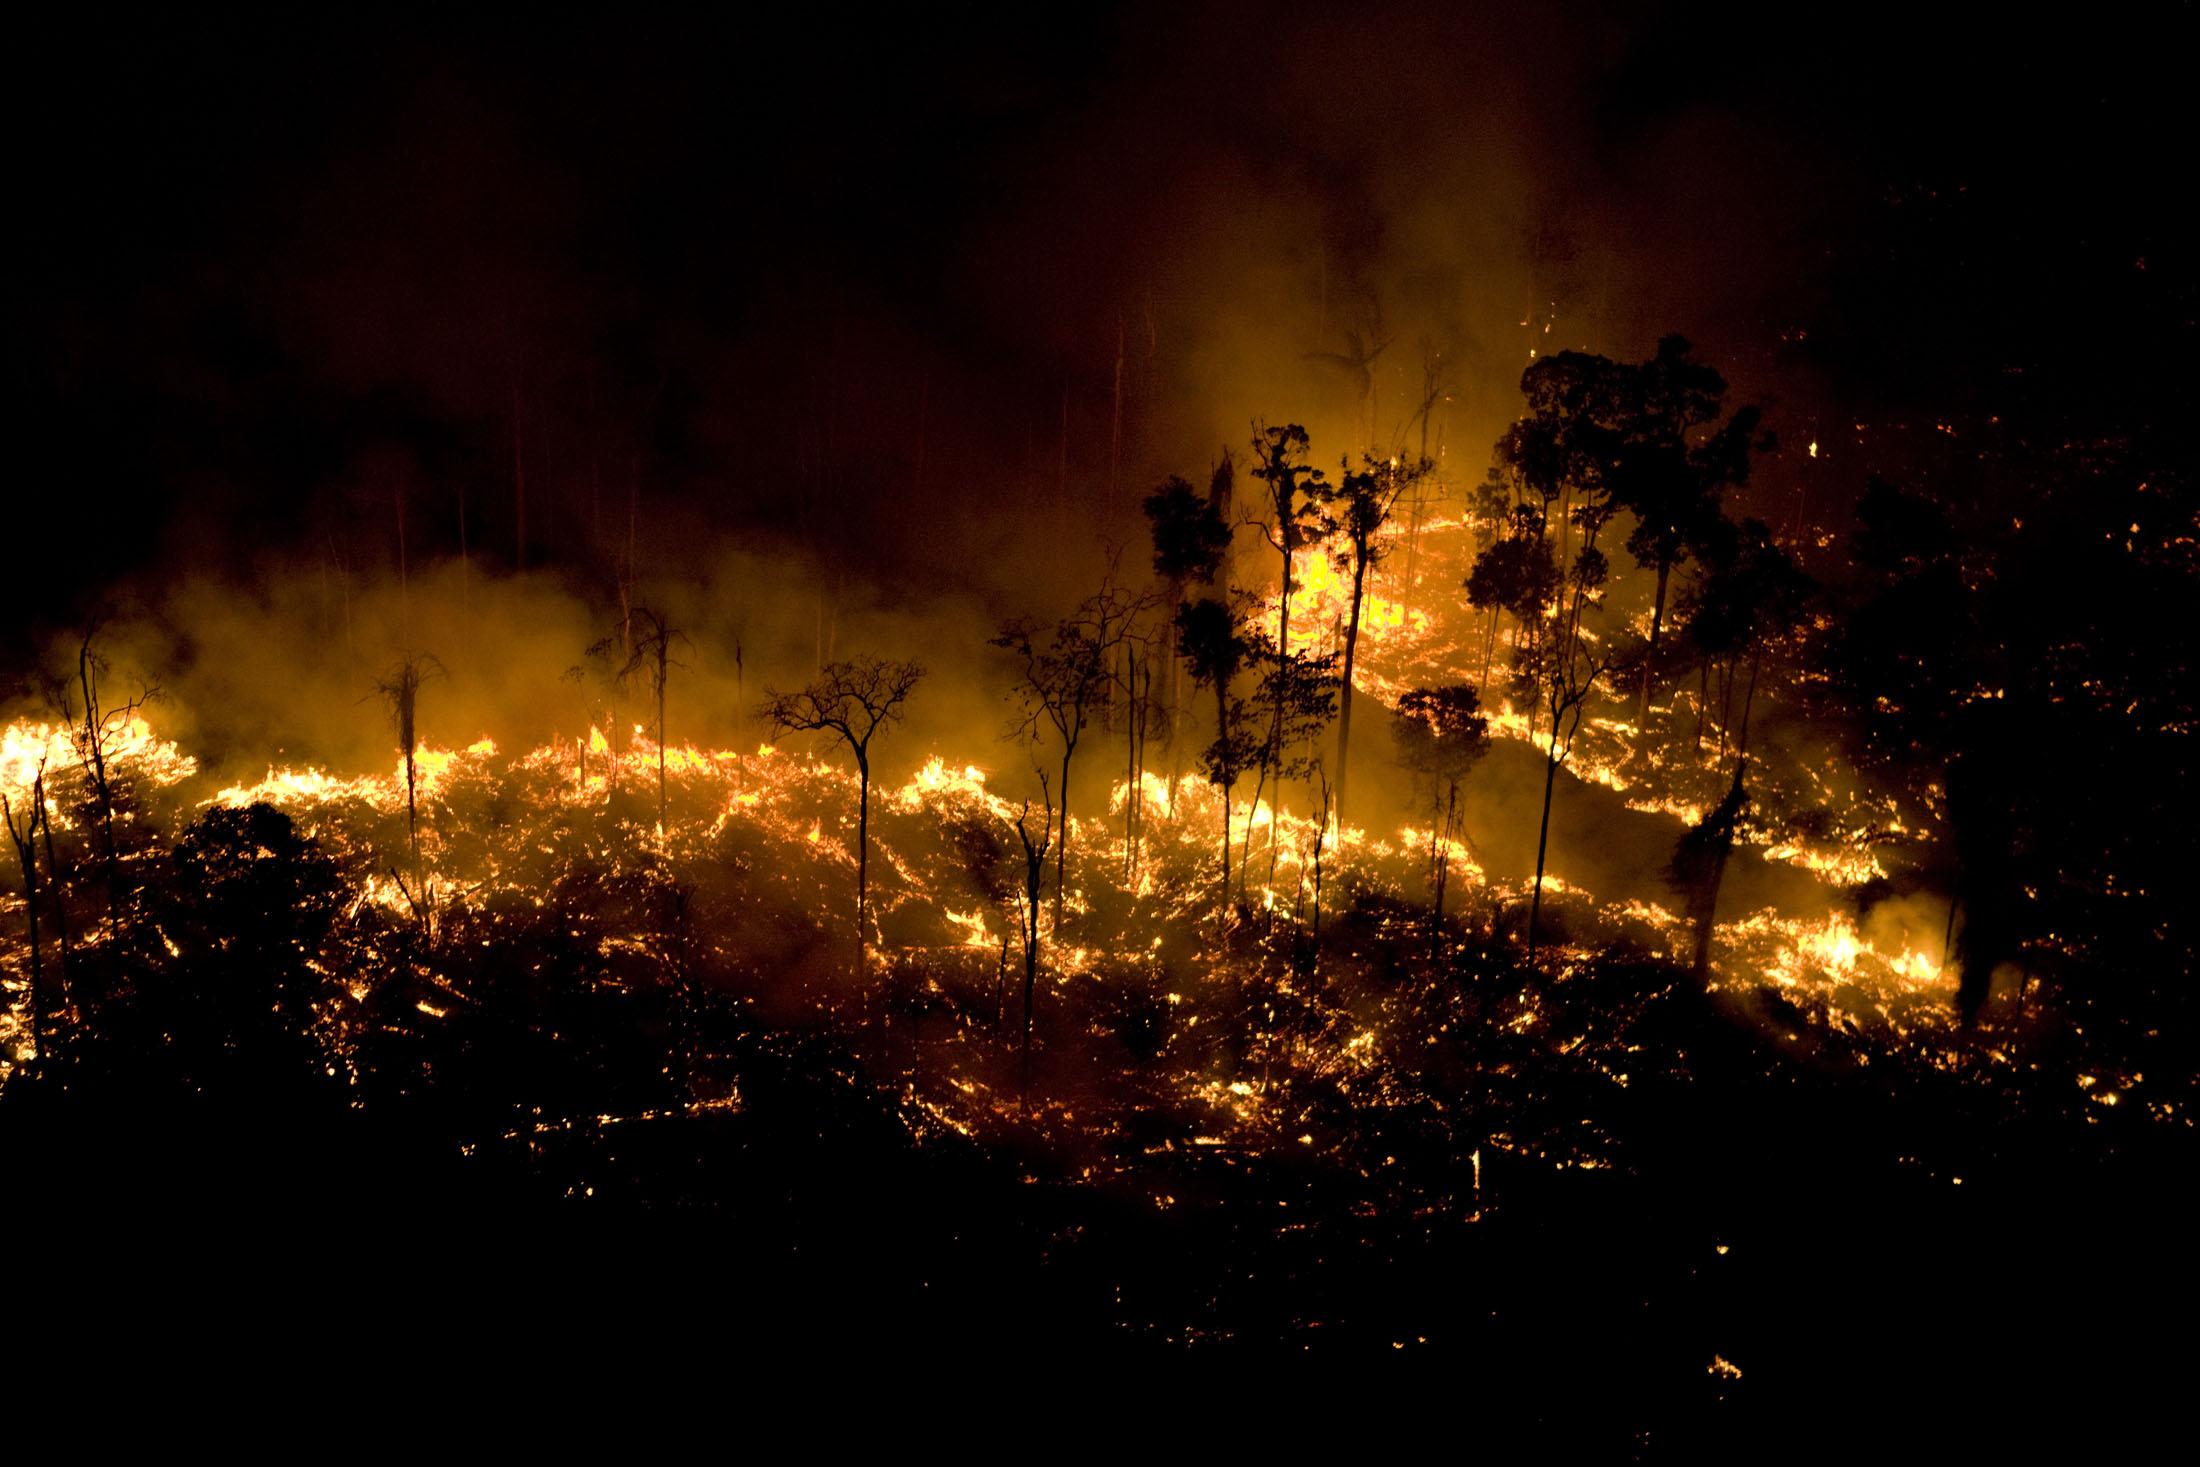 Queimadas destroem 78% da biodiversidade da Amazônia